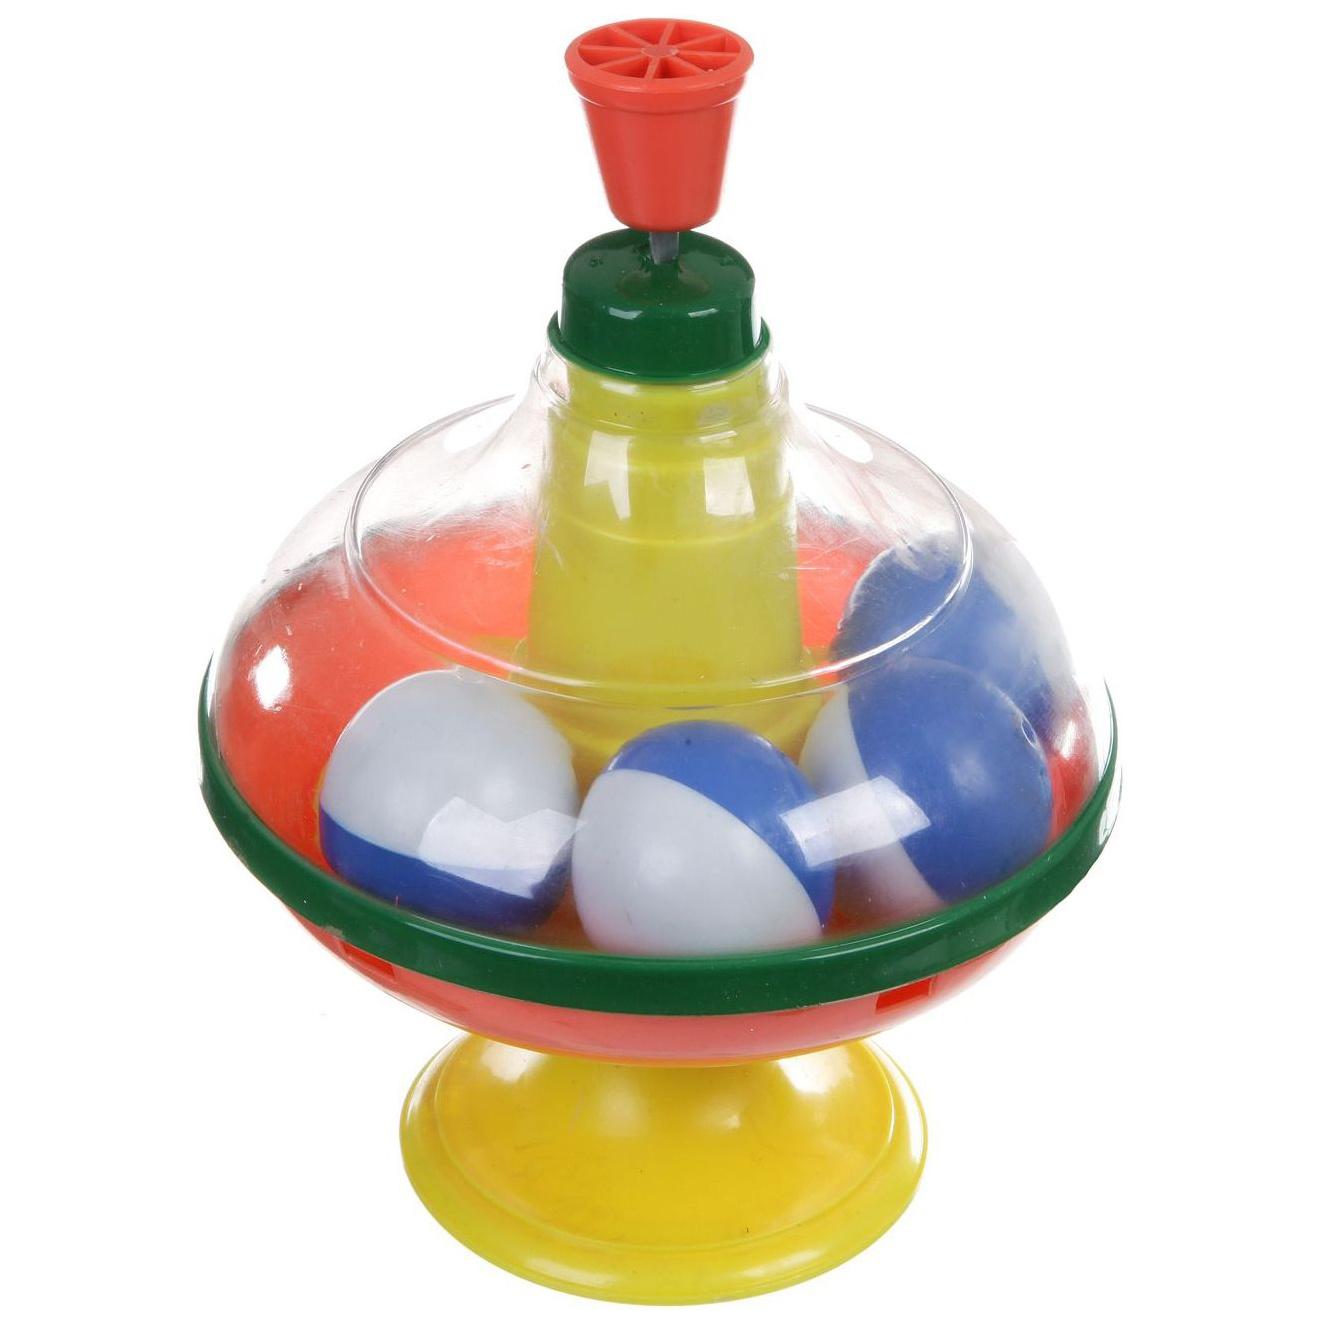 Купить Юла с шариками, в сетке, ABtoys,